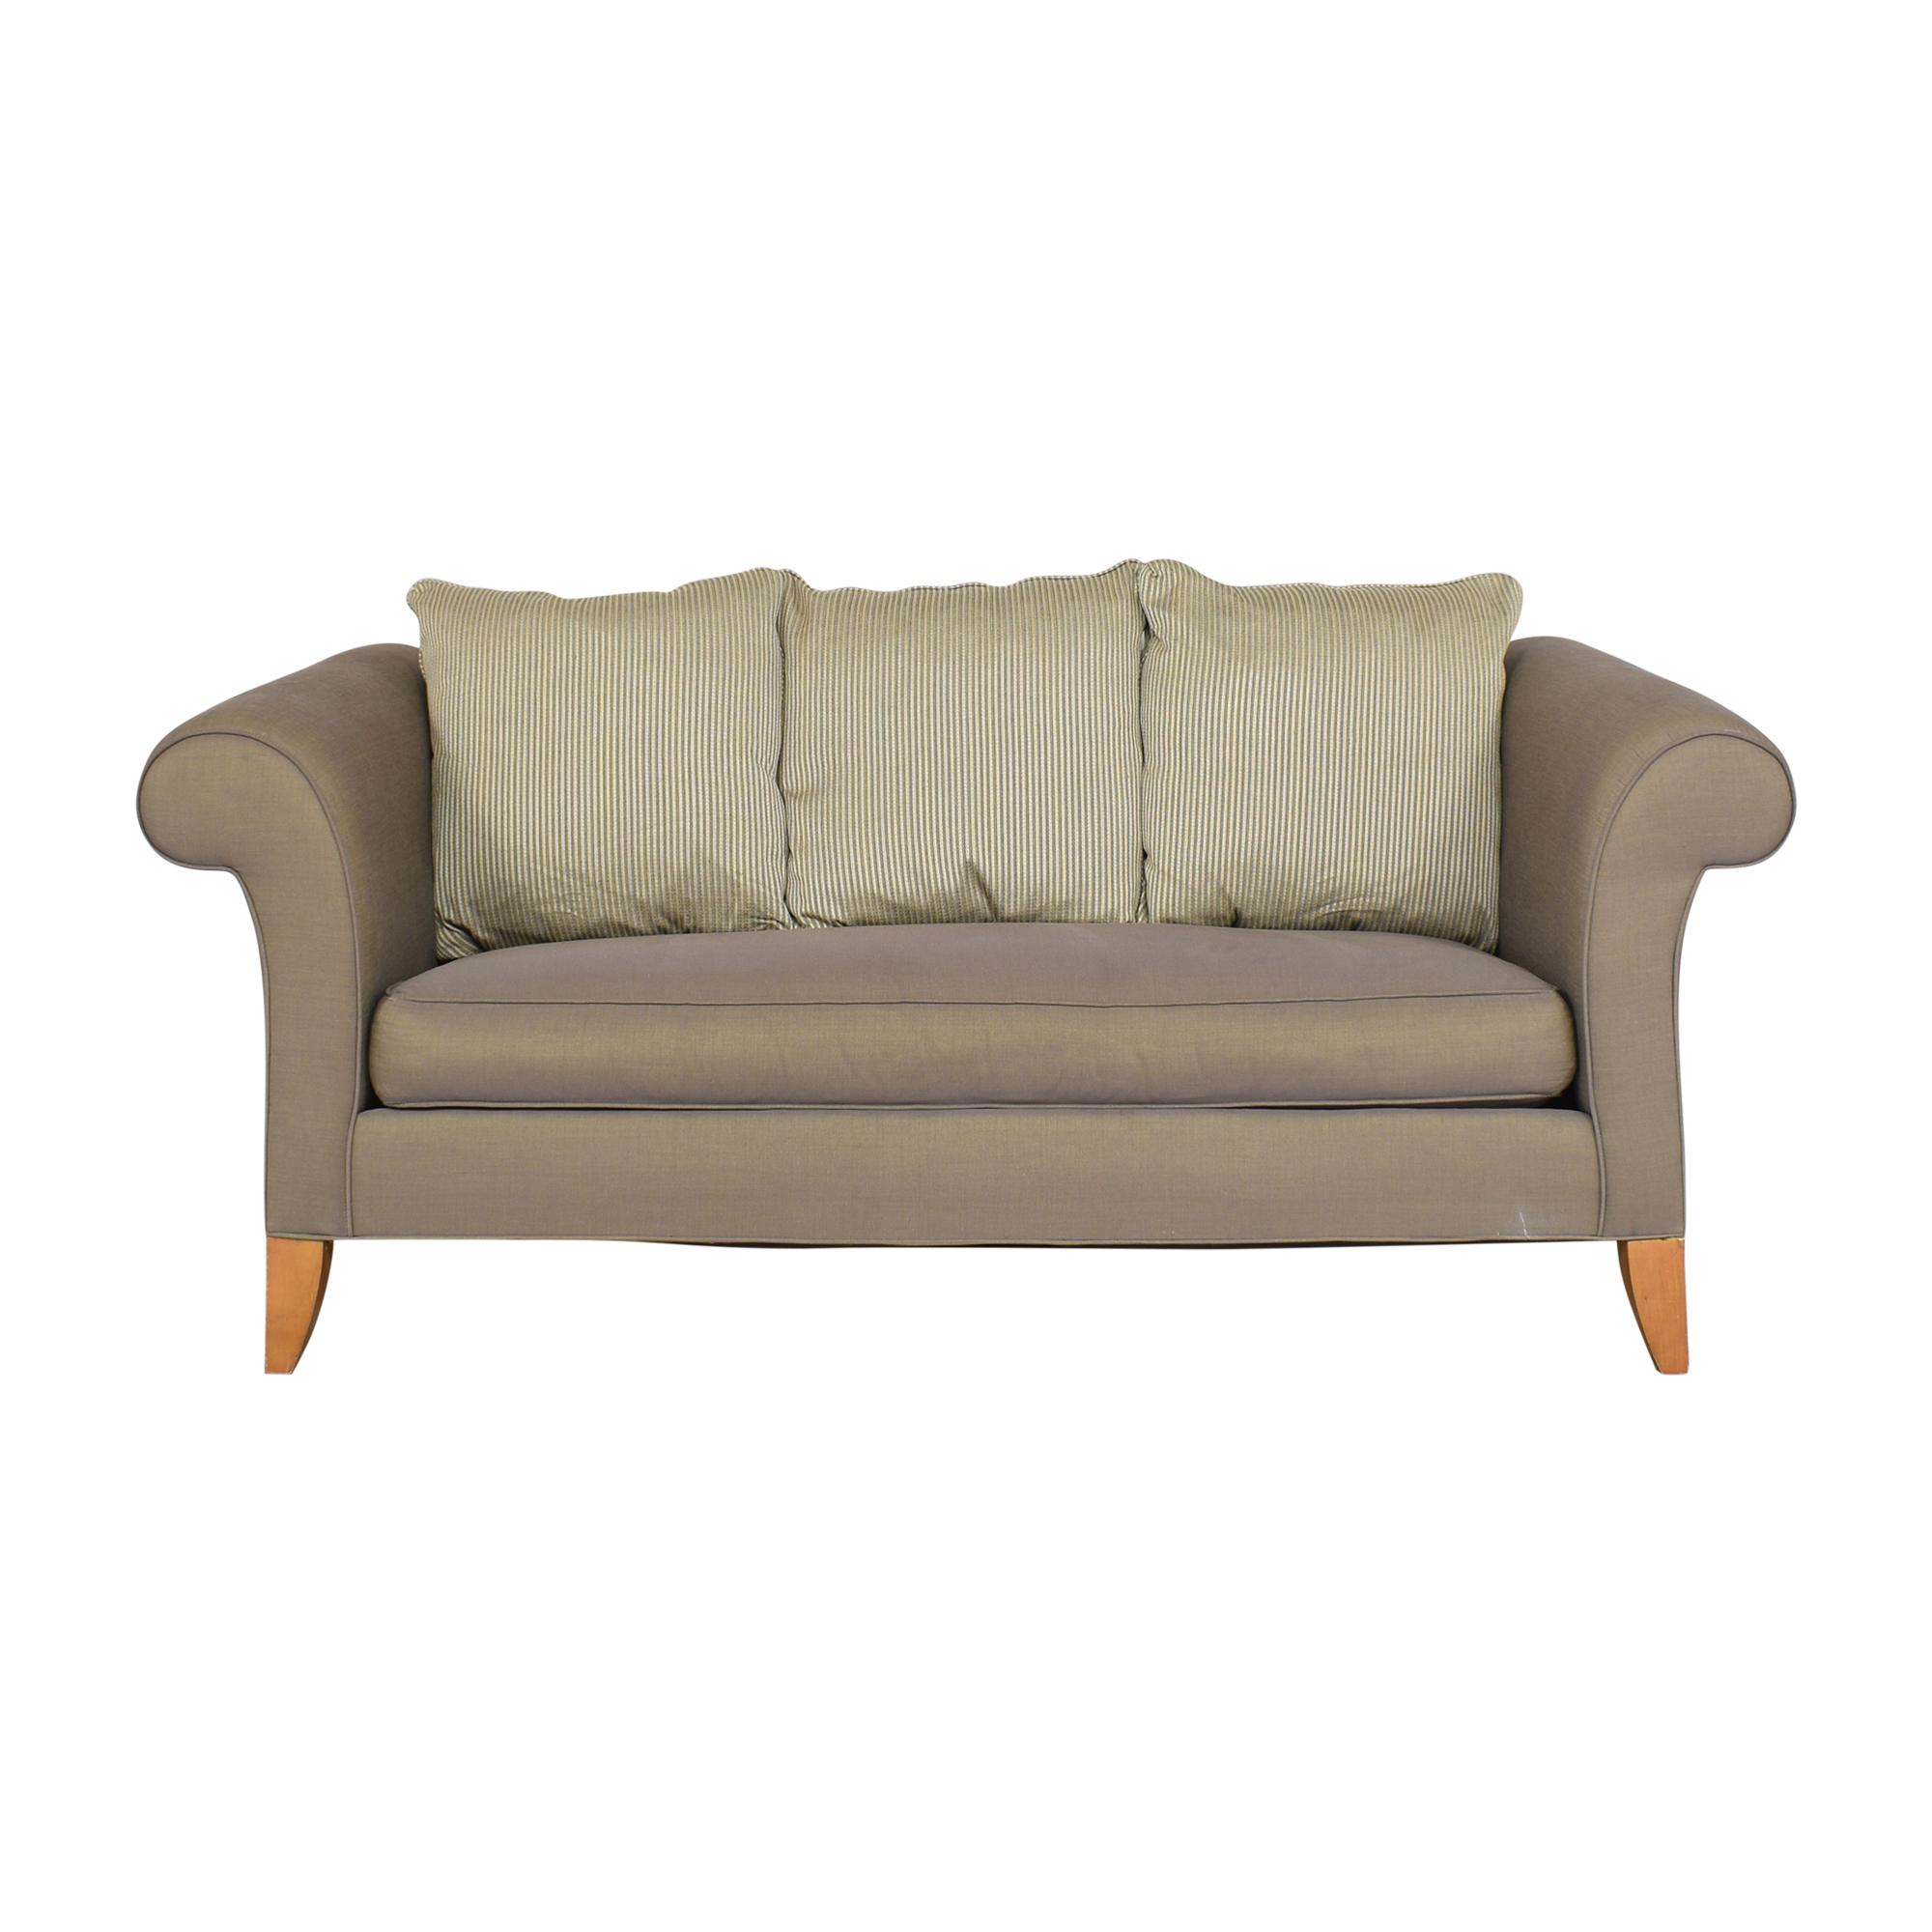 Ethan Allen Ethan Allen Shelter Sofa nyc